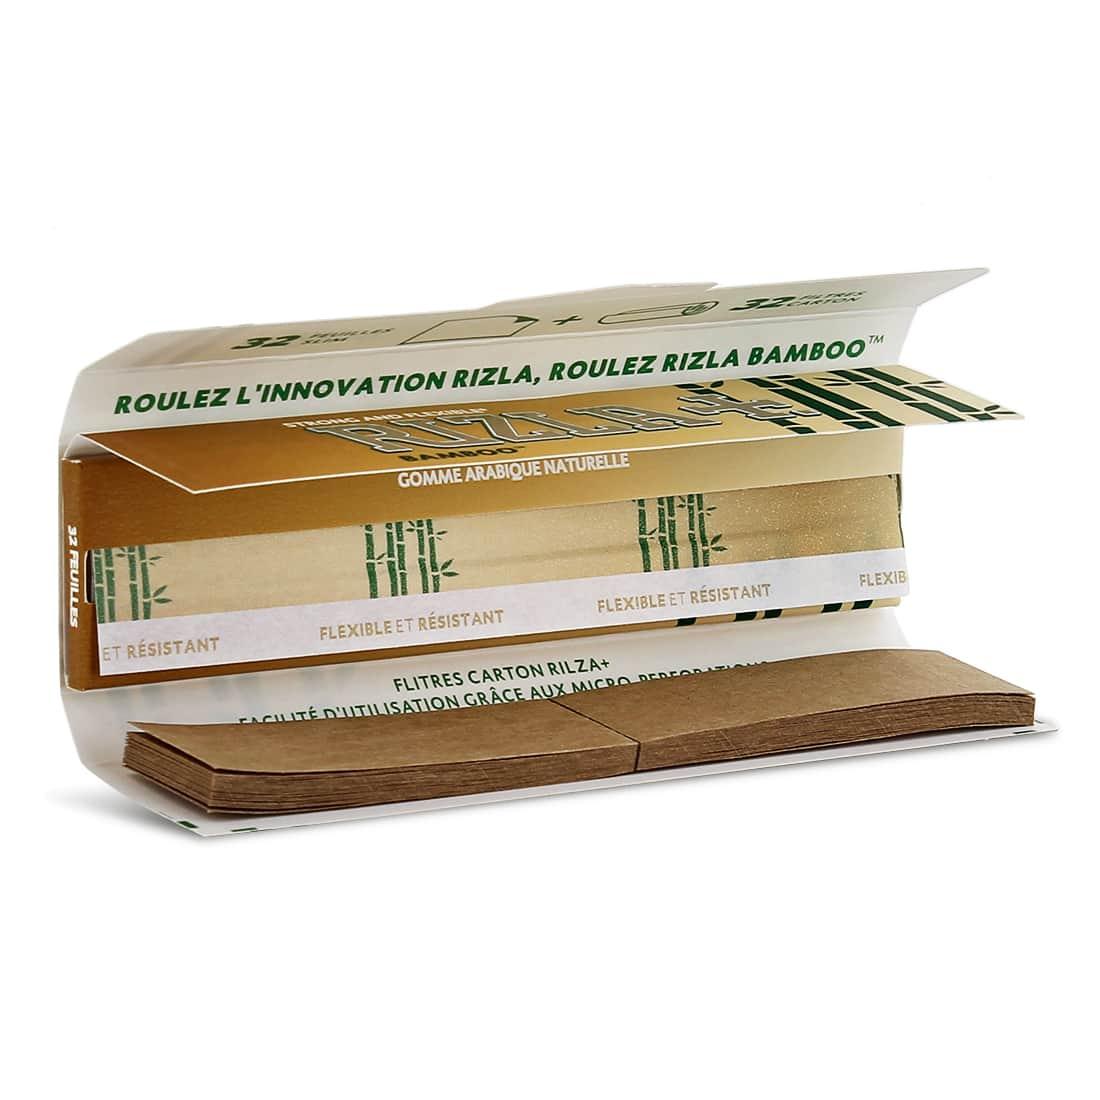 Photo #1 de Papier à rouler Rizla + Bamboo Slim et Tips x 10